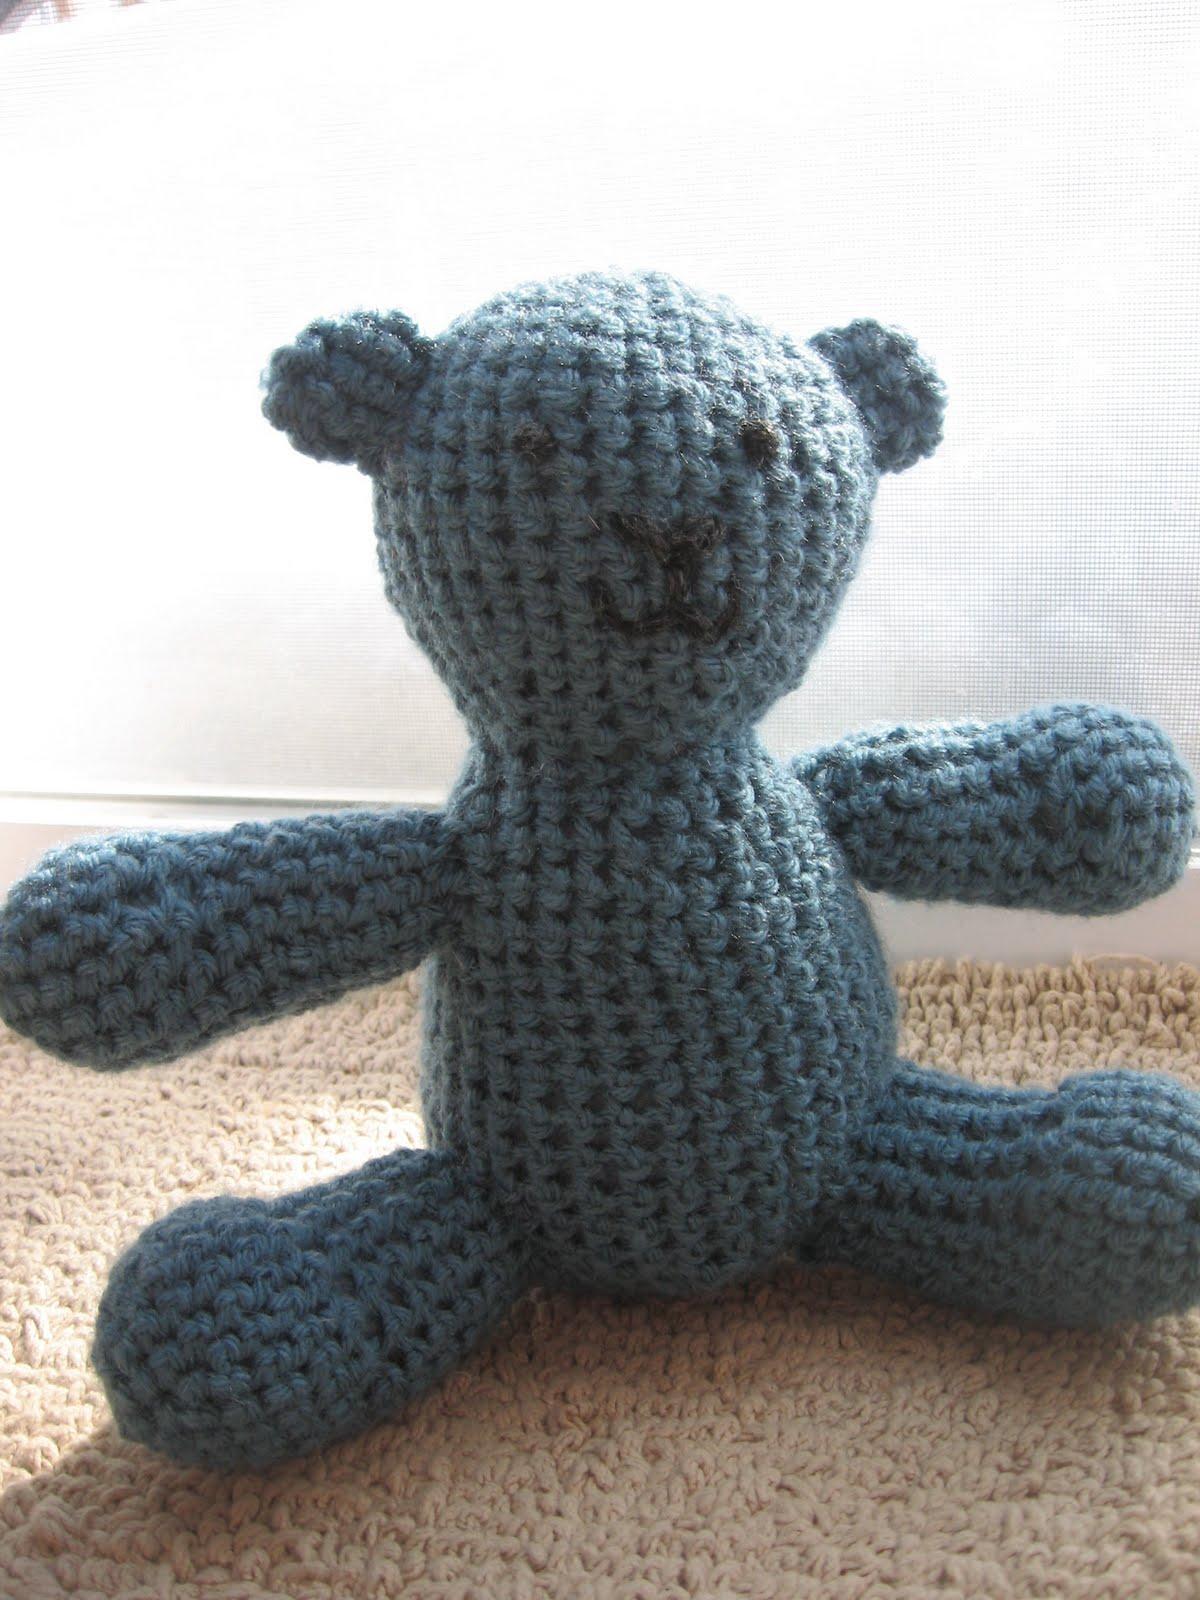 Knitted Teddy Bear Dishcloth Pattern : joyful strength: knit teddy bear